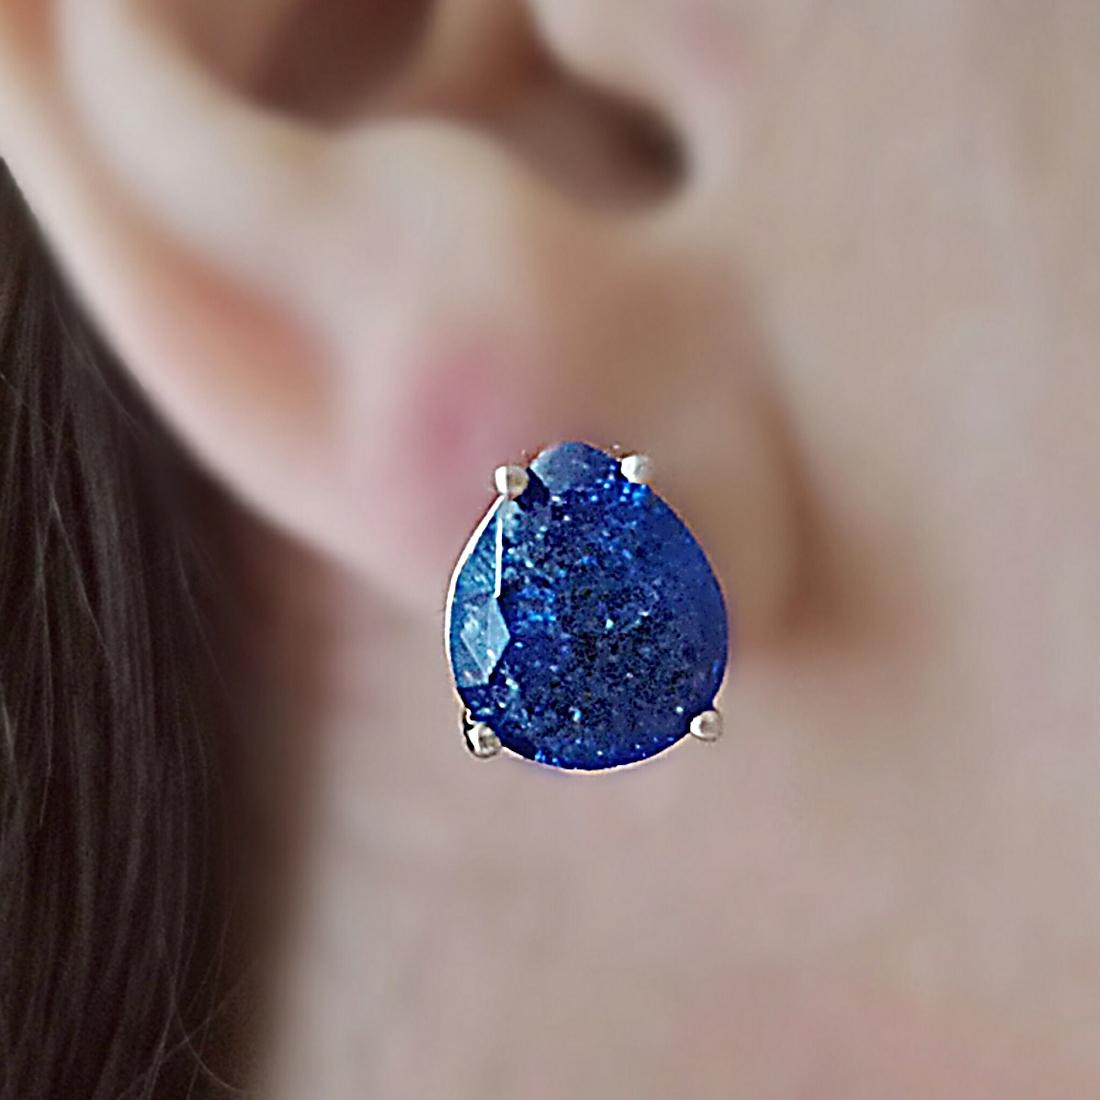 Brinco Gota Azul Safira Fusion 10 x 12 mm Ródio Branco Semijoia Fashion  - Soloyou